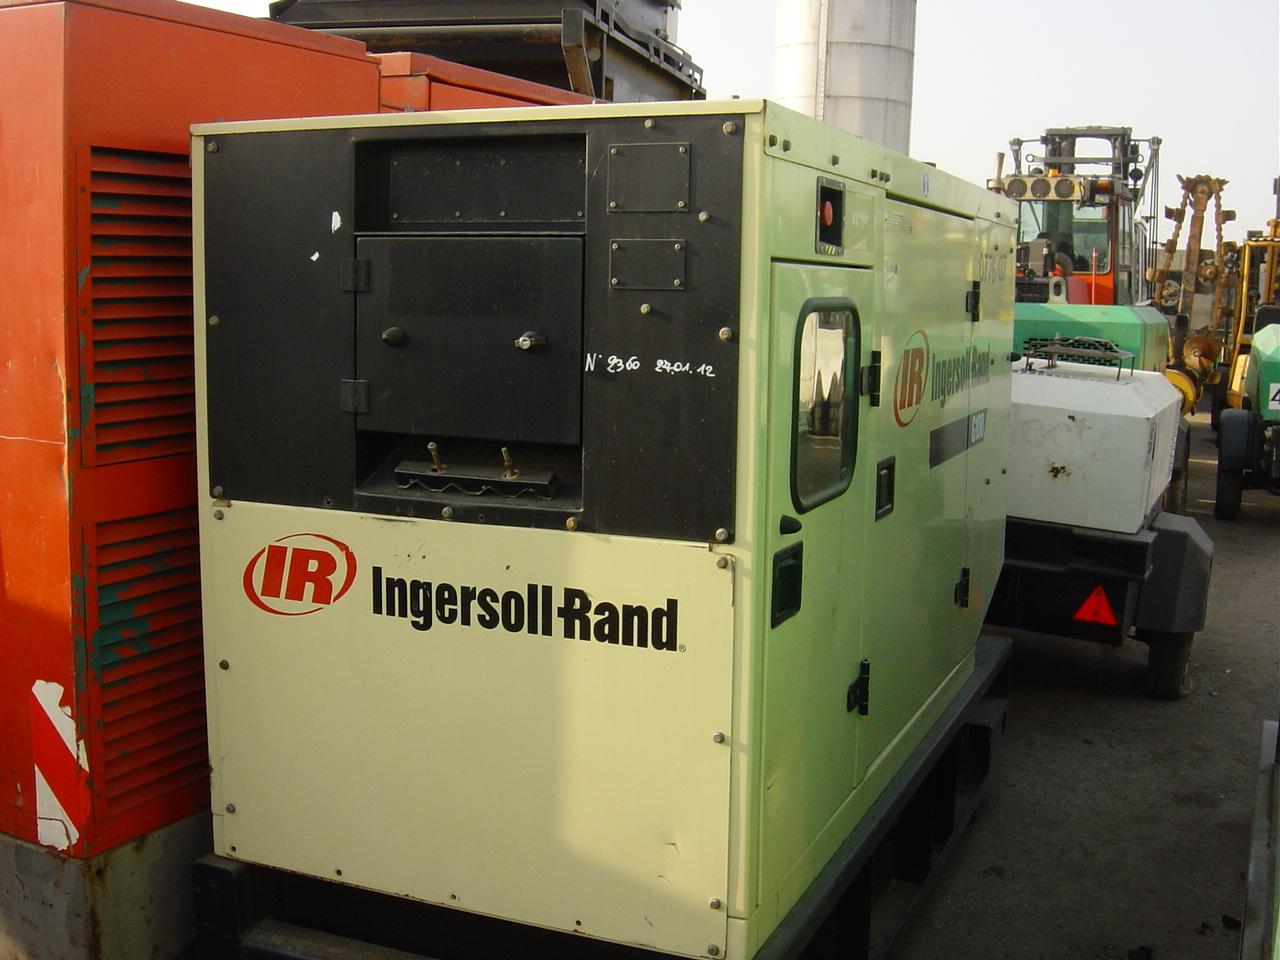 generatore-inger-4f7d398a2f75b